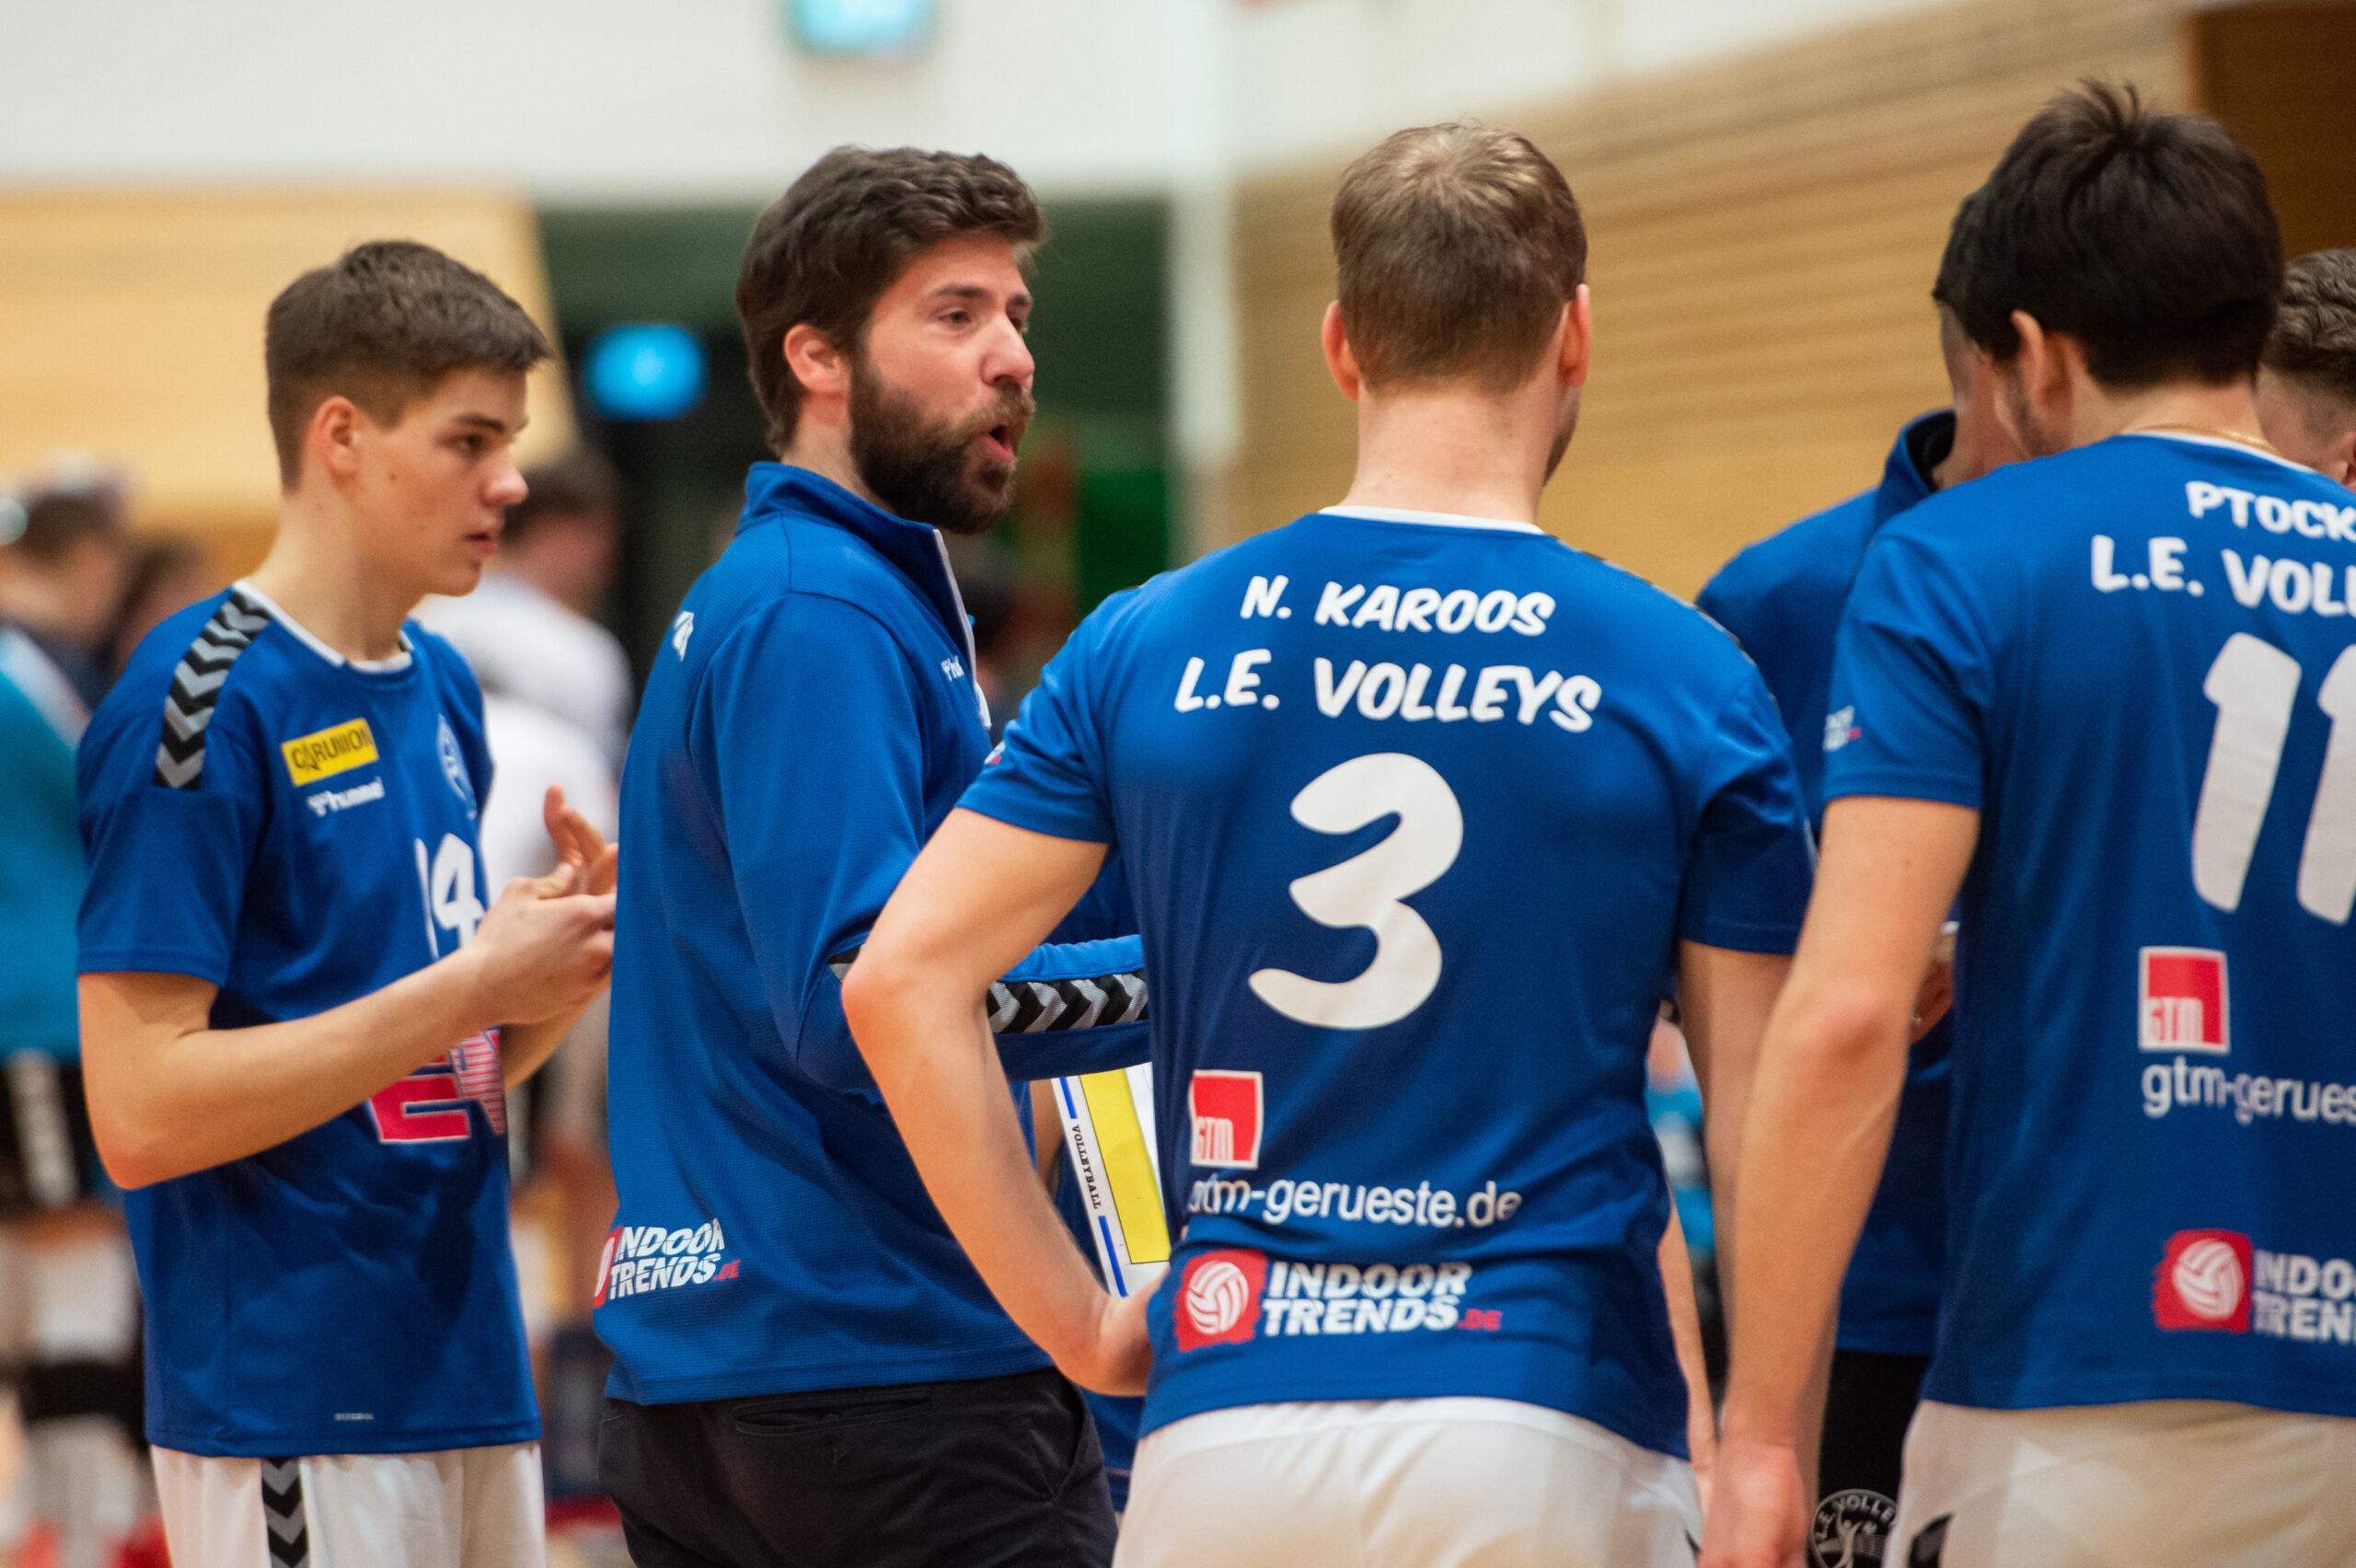 Volleys Trainer Christoph Rascher   L.E. Volleys Leipzig vs TV/DJK Hammelburg, Volleyball, 2.Liga, 20.03.2021